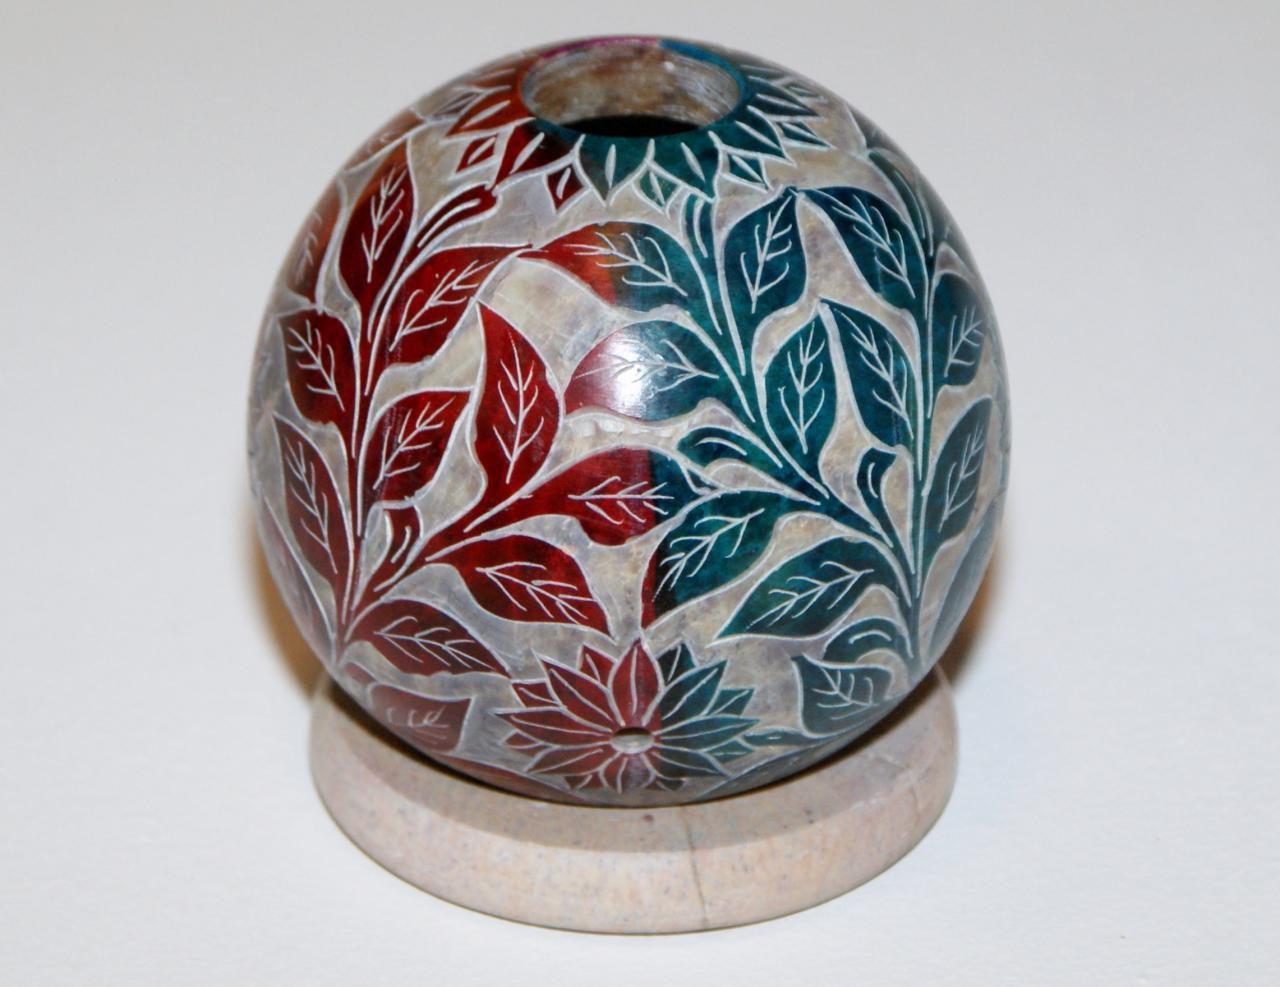 swiecznik z kamienia indyjski recznie rzezbiony